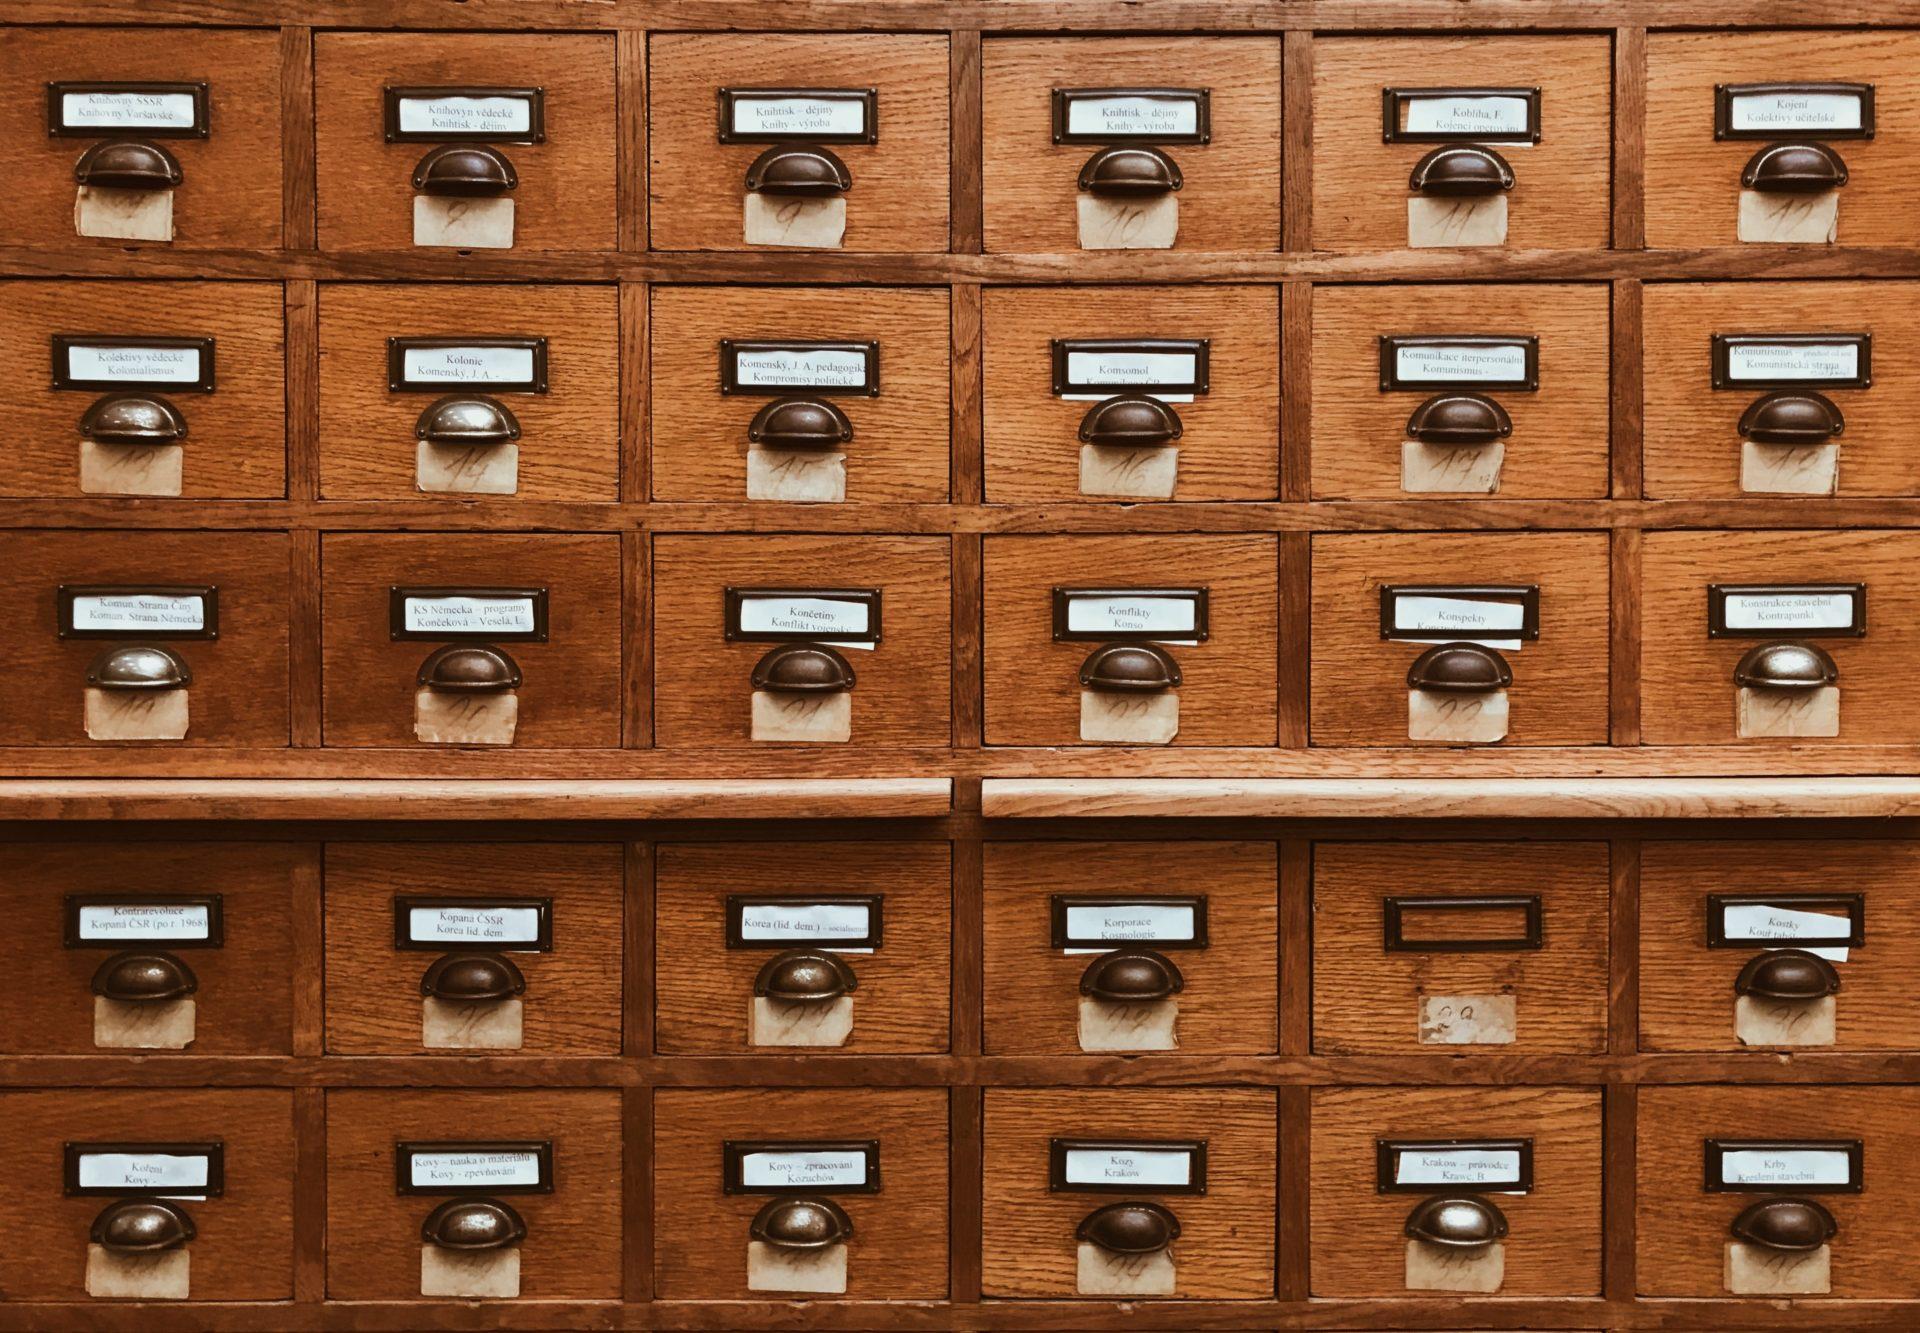 Archivio di dati